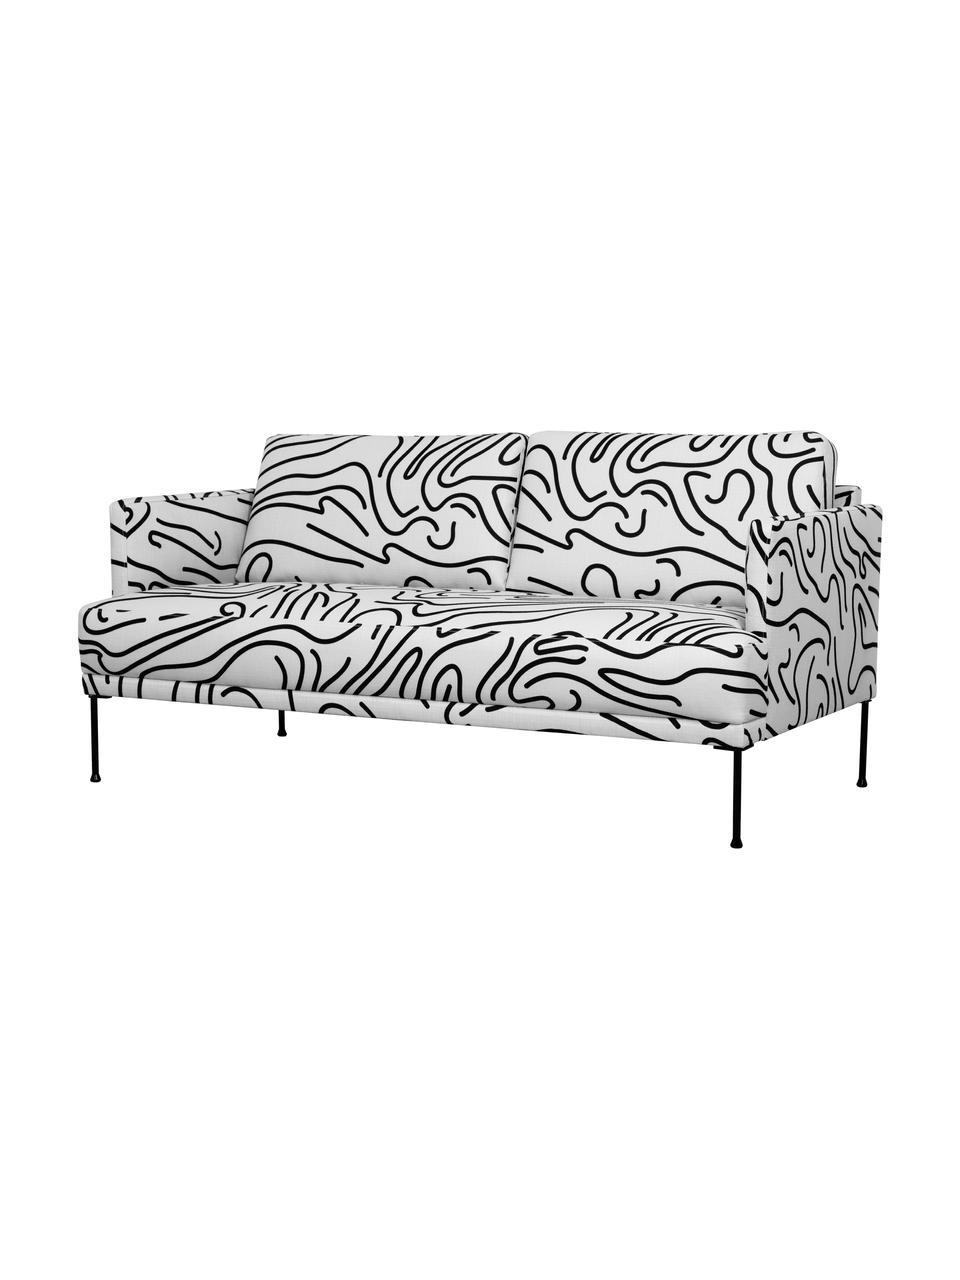 Gemustertes Sofa Fluente (2-Sitzer), Bezug: 100% Polyester Der hochwe, Gestell: Massives Kiefernholz, Füße: Metall, pulverbeschichtet, Webstoff Weiß, B 166 x T 85 cm